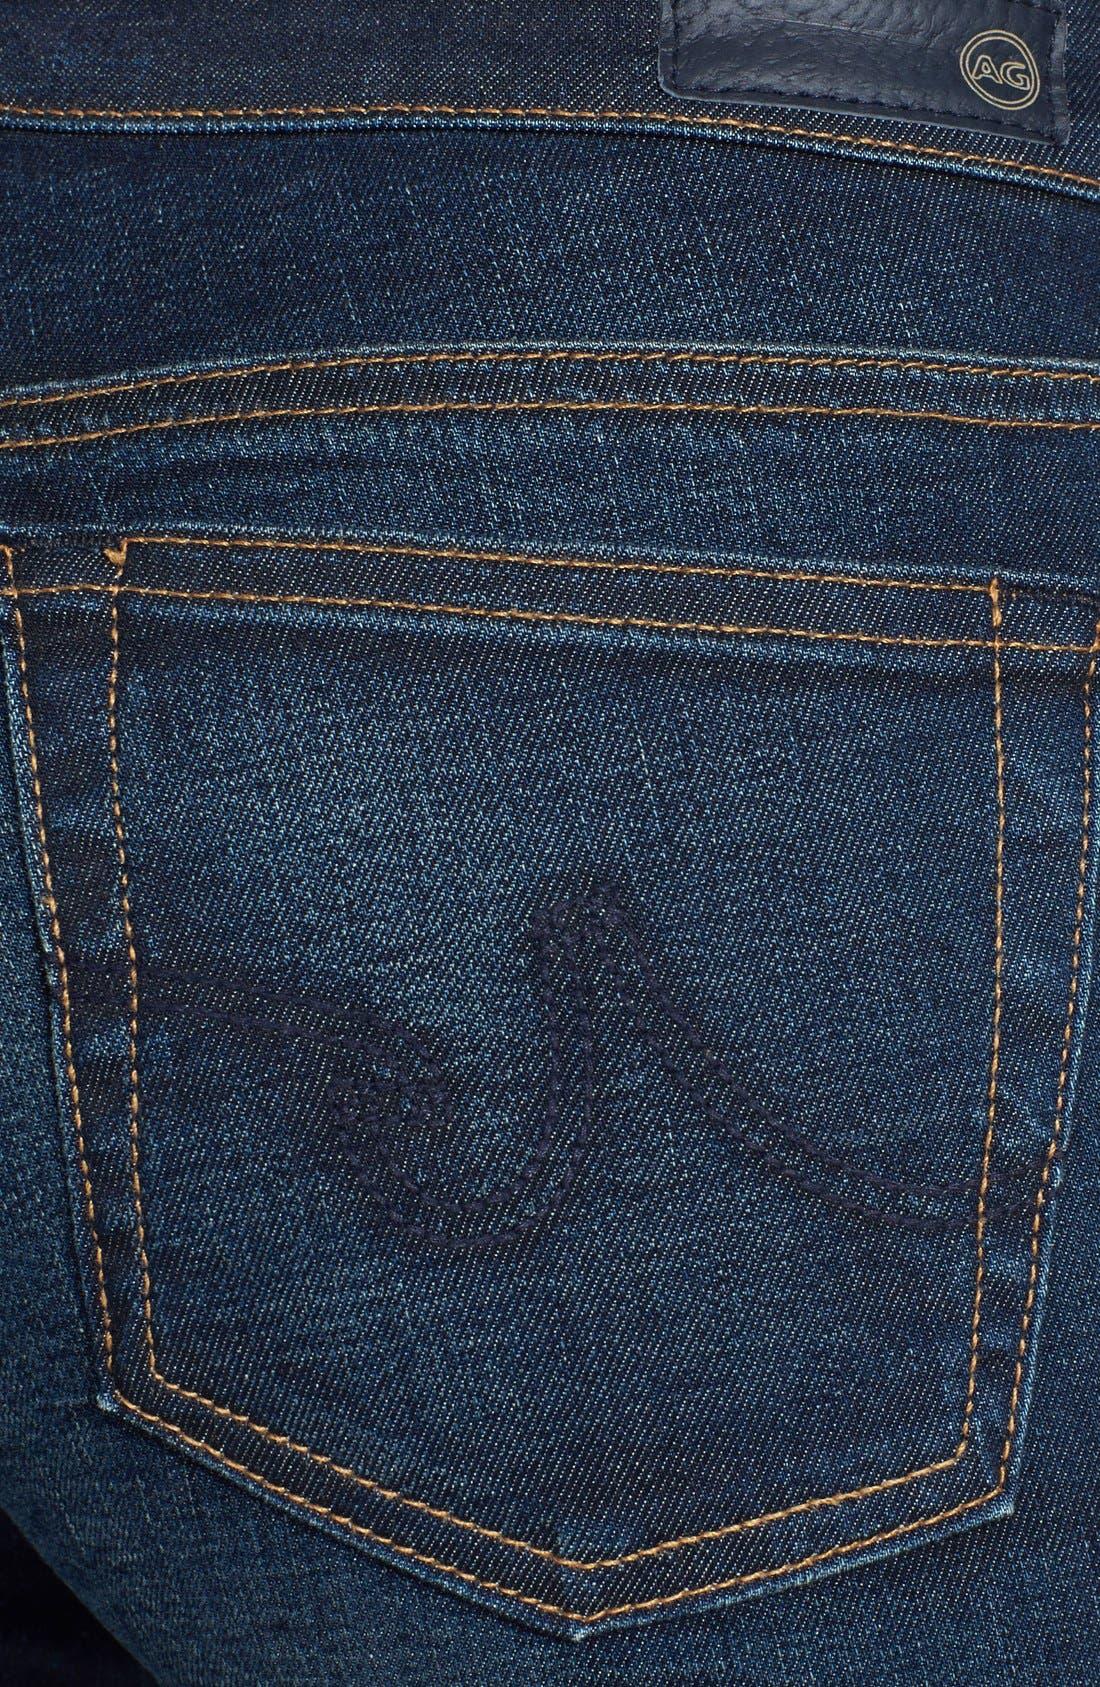 Alternate Image 3  - AG 'The Stilt' Cigarette Leg Jeans (Three Year Propell)